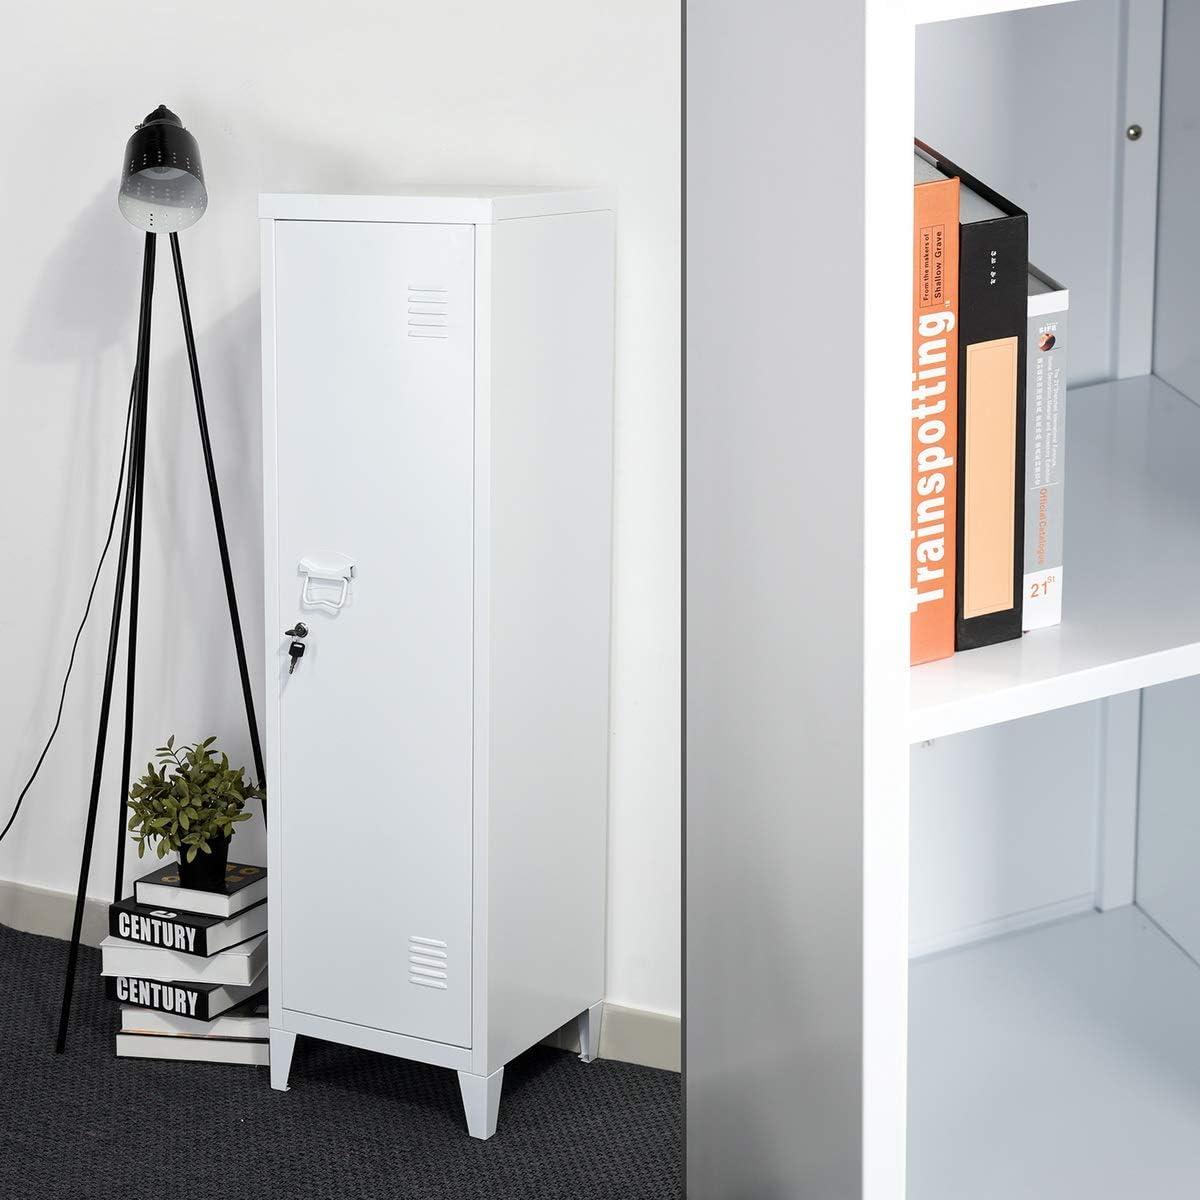 ufficio Furniture-R France spogliatoio per soggiorno armadietto da pavimento Armadietto portadocumenti in metallo con armadietto bianco